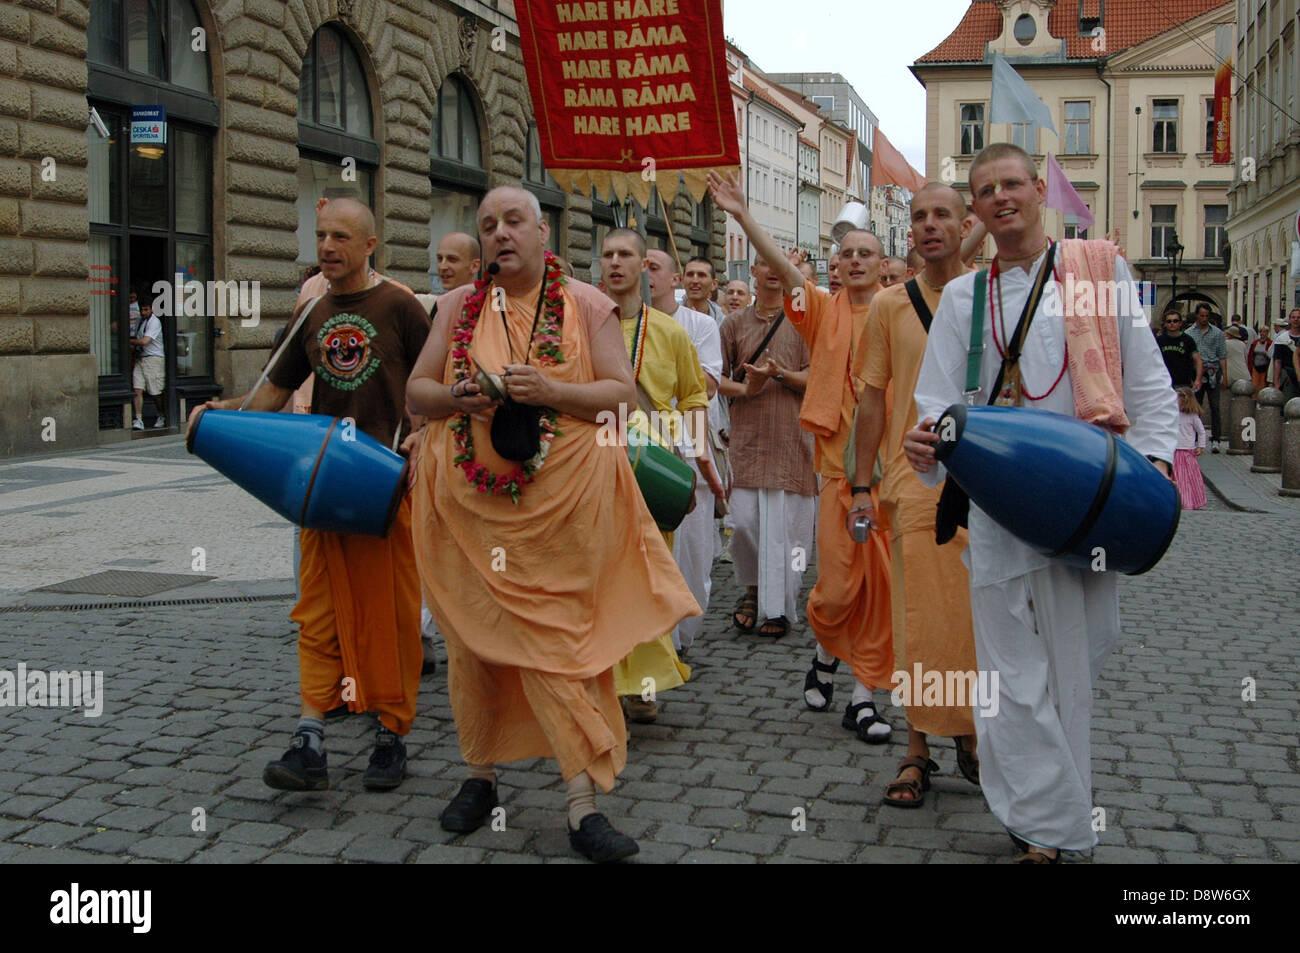 Straße singen von Hare-Krishna von Harinamas in Prag Stockfoto